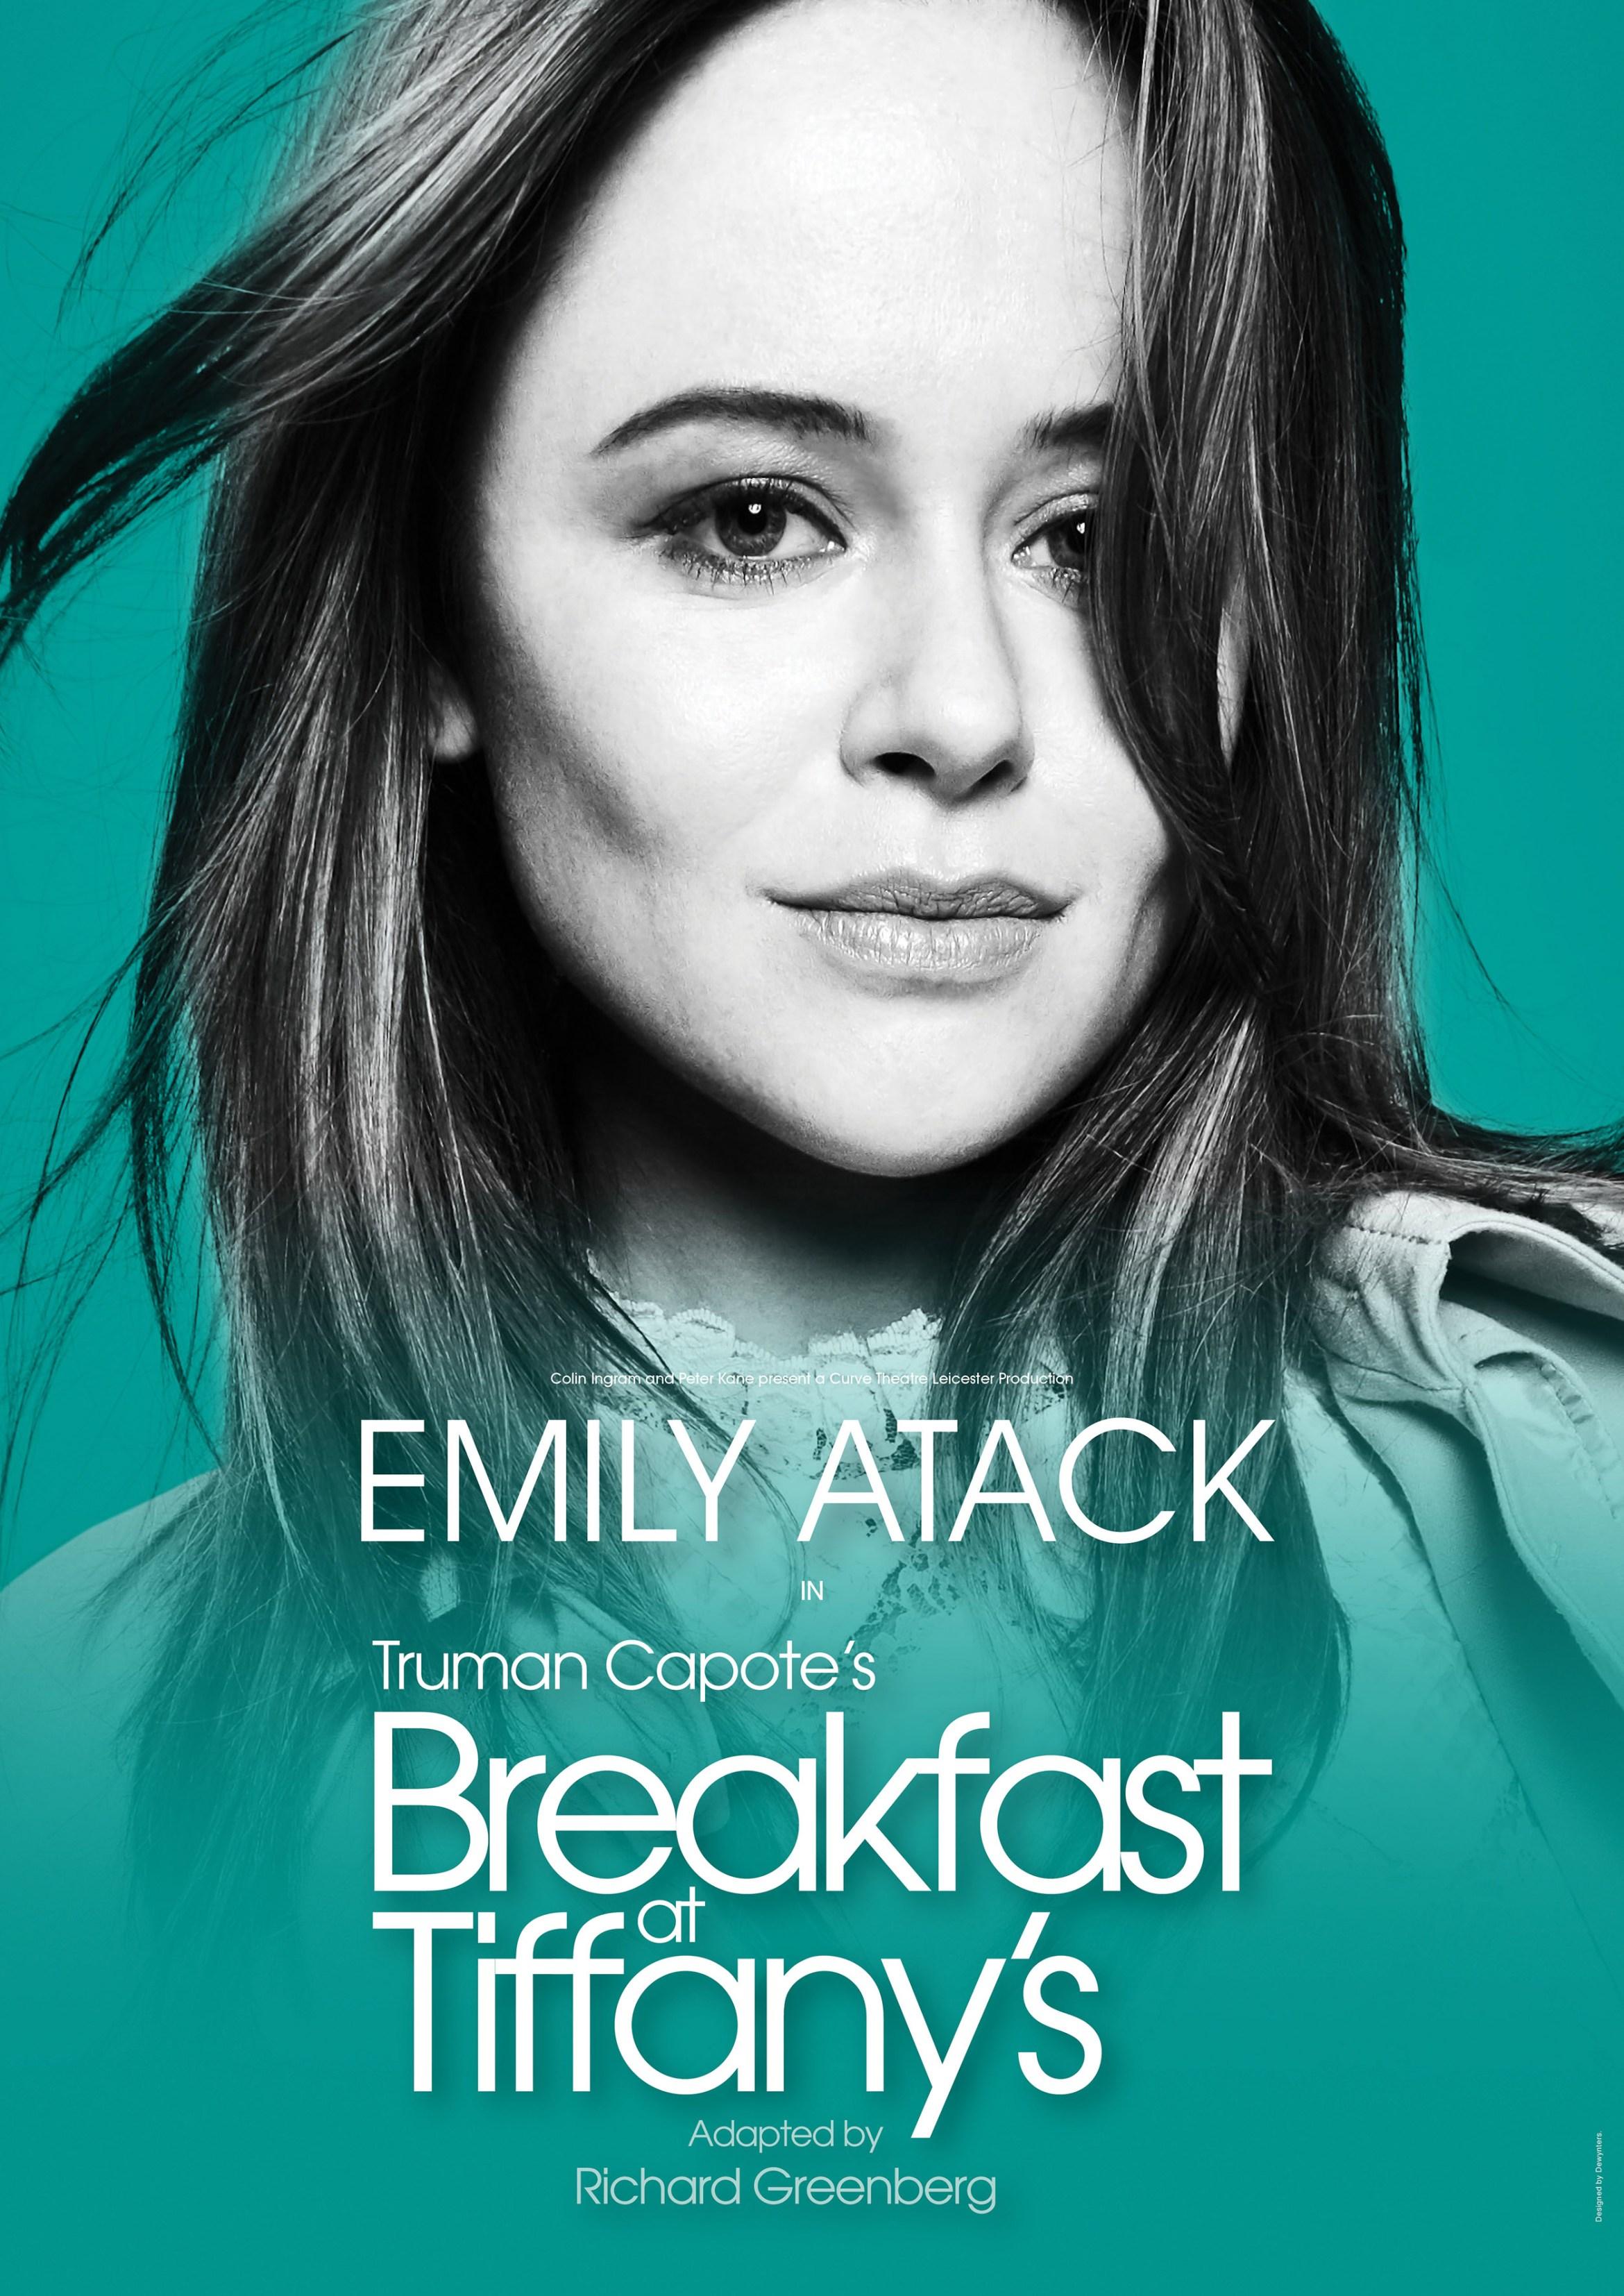 Emily Atack artwork